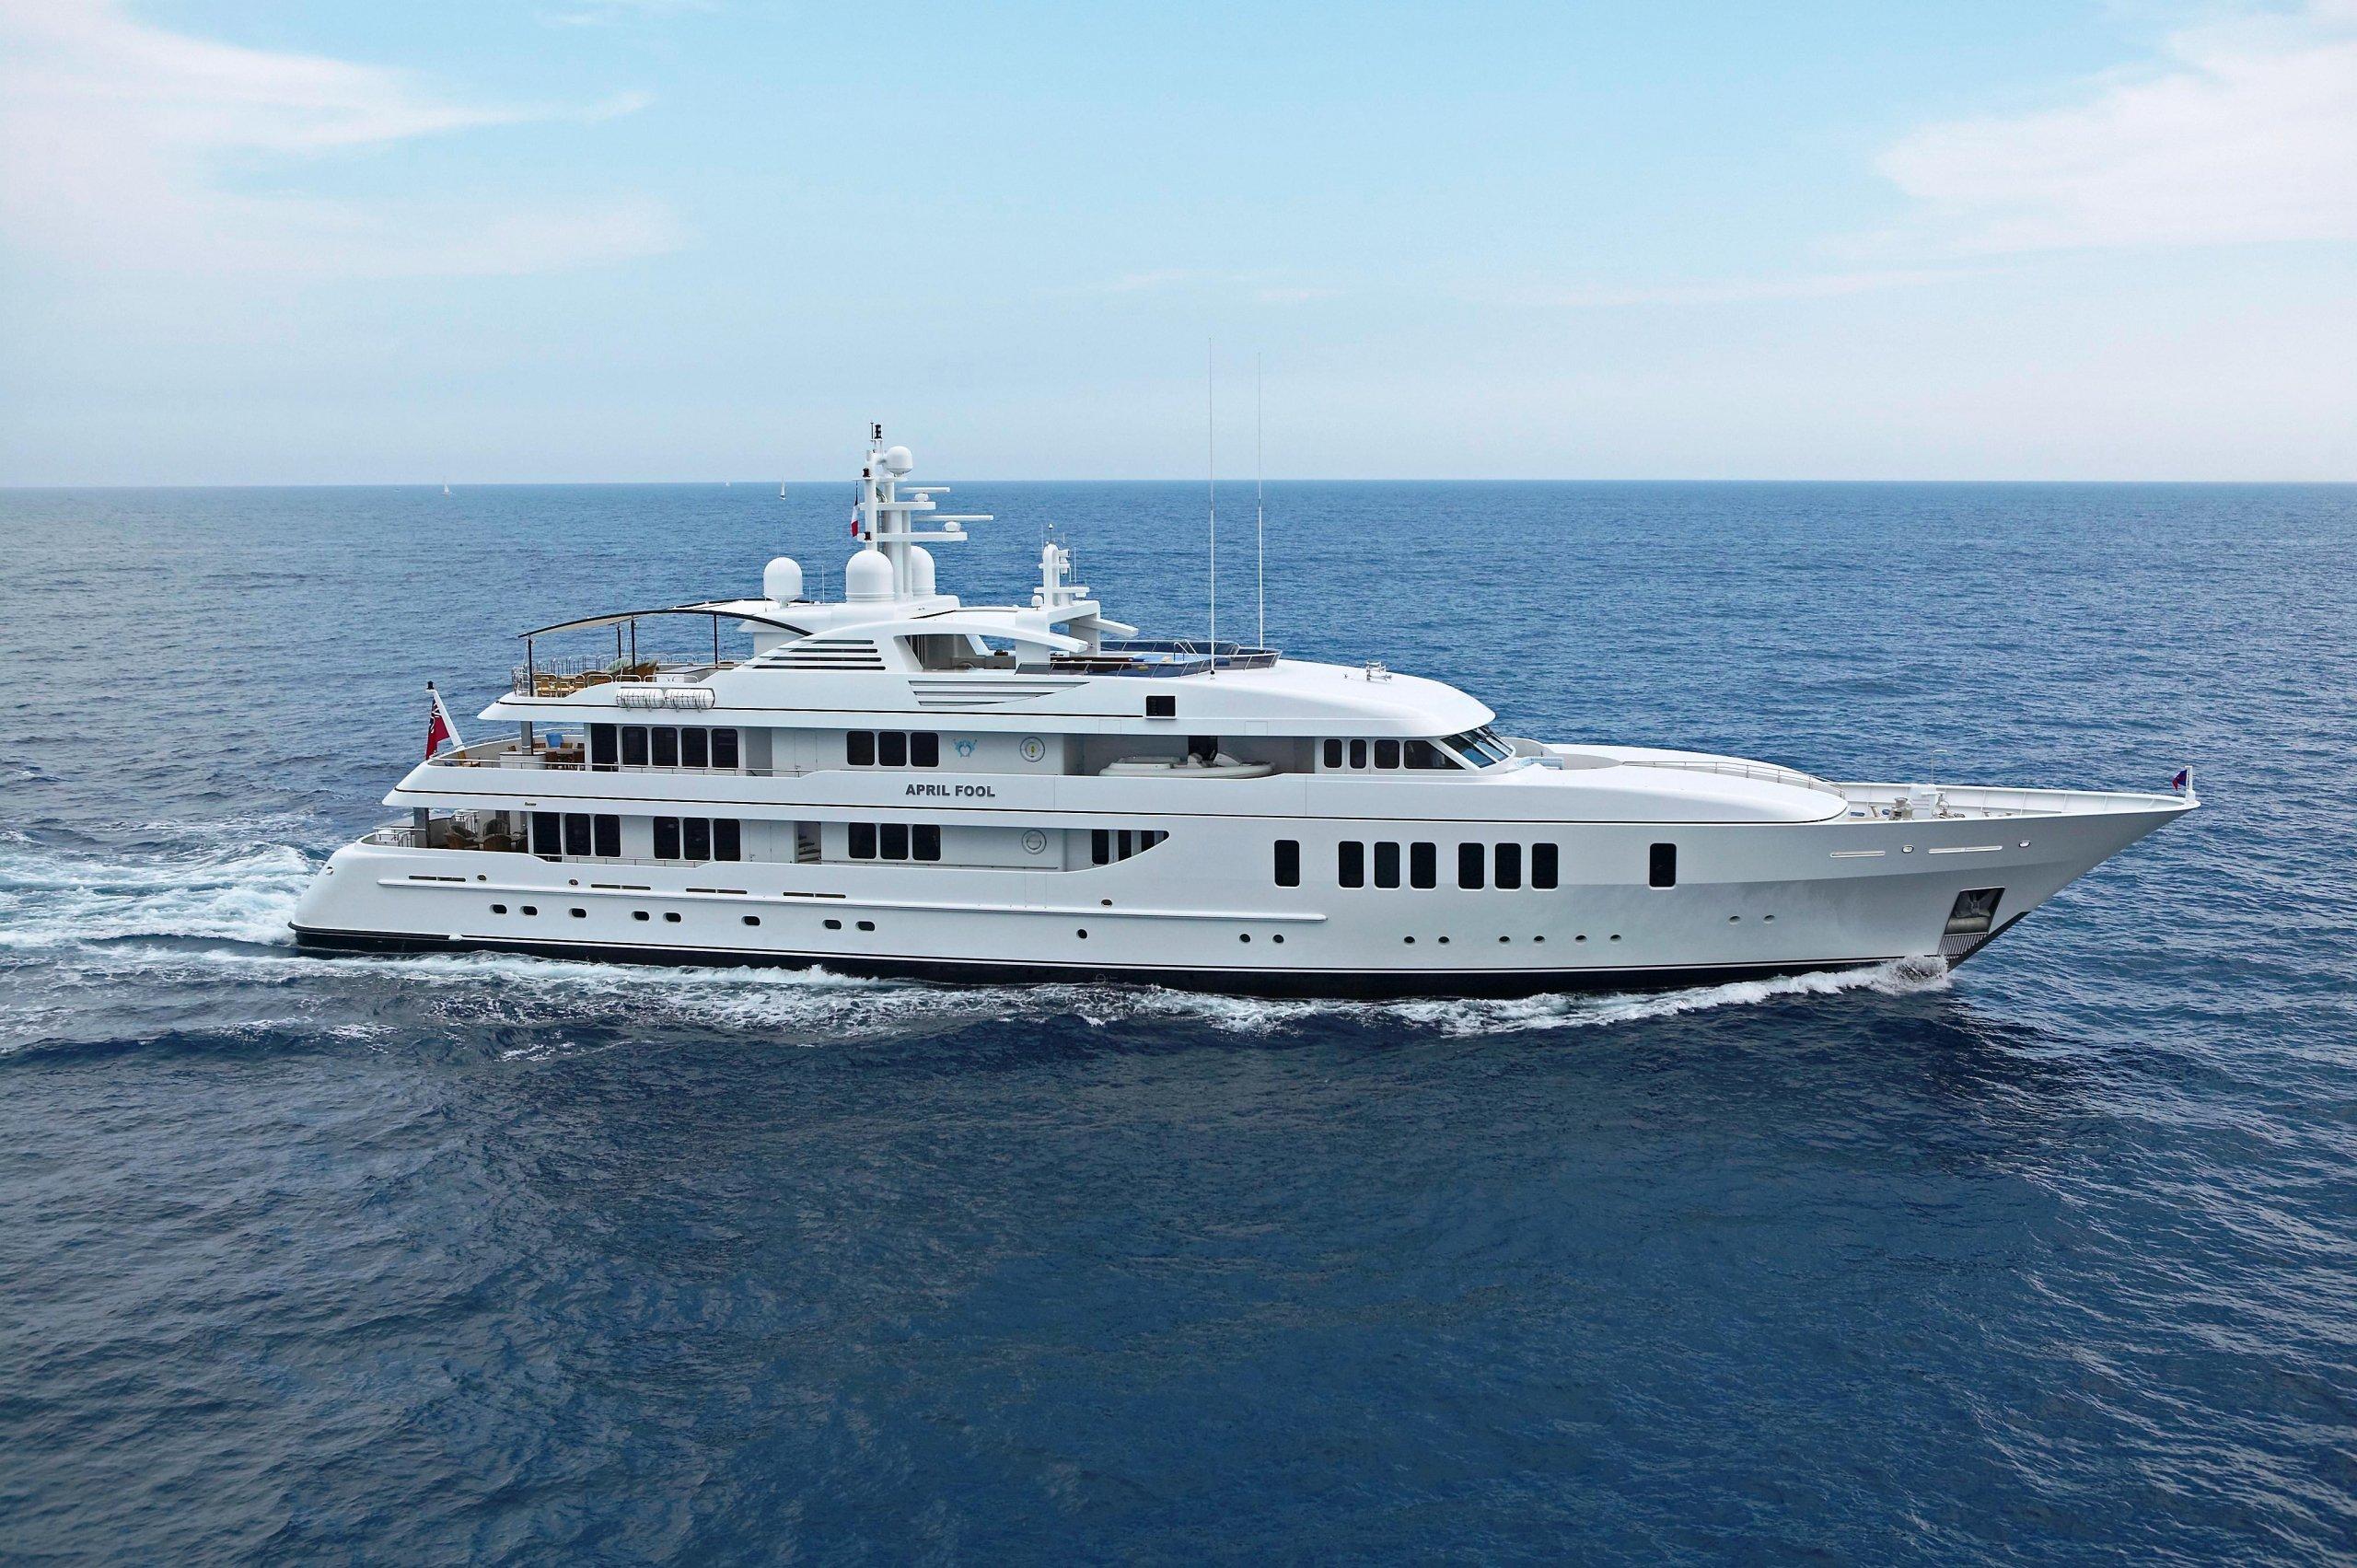 yacht Samadhi - Feadship - Daniel Loeb